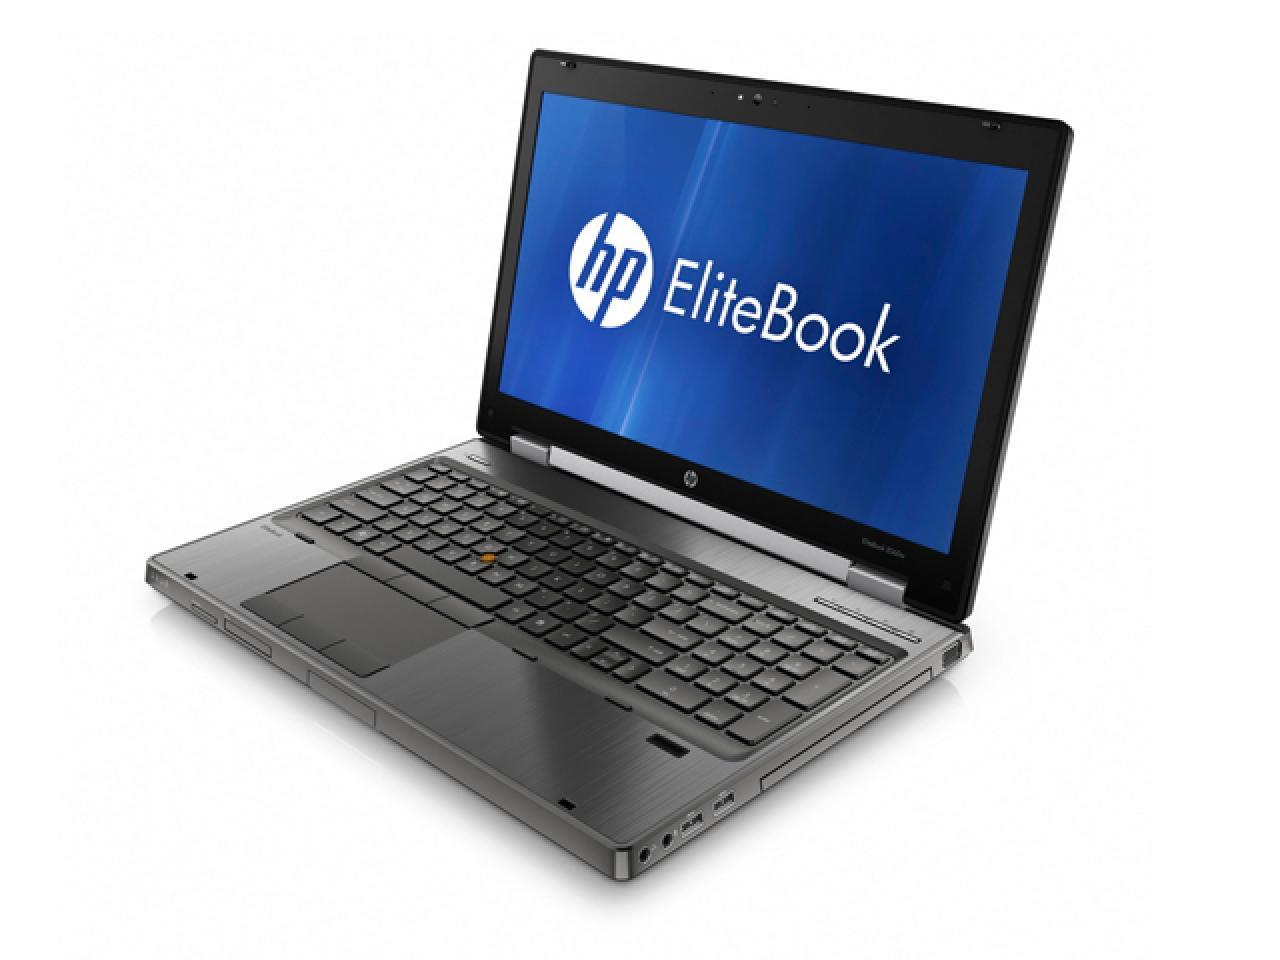 Hewlett Packard EliteBook 8560w  - shop.bb-net.de